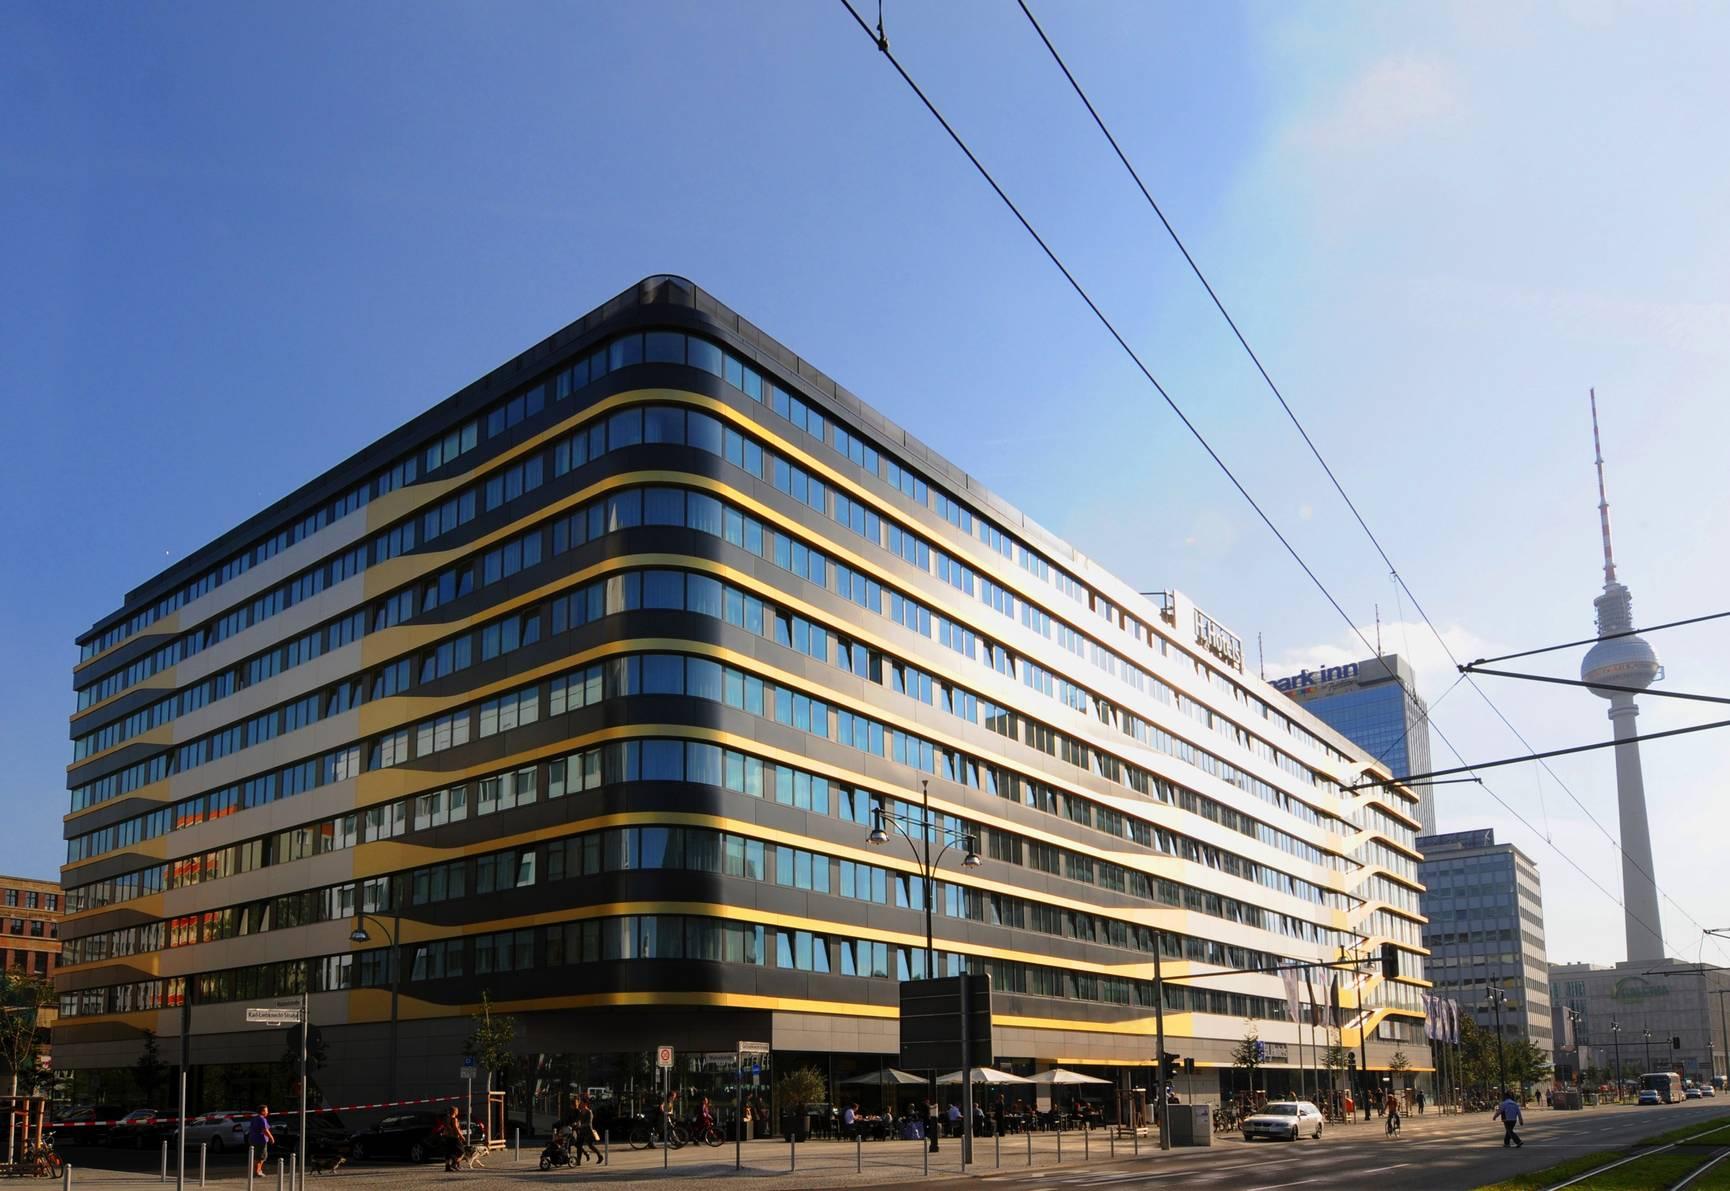 aussenansicht-tag-04-h4-hotel-berlin-alexanderplatz-1730x1191